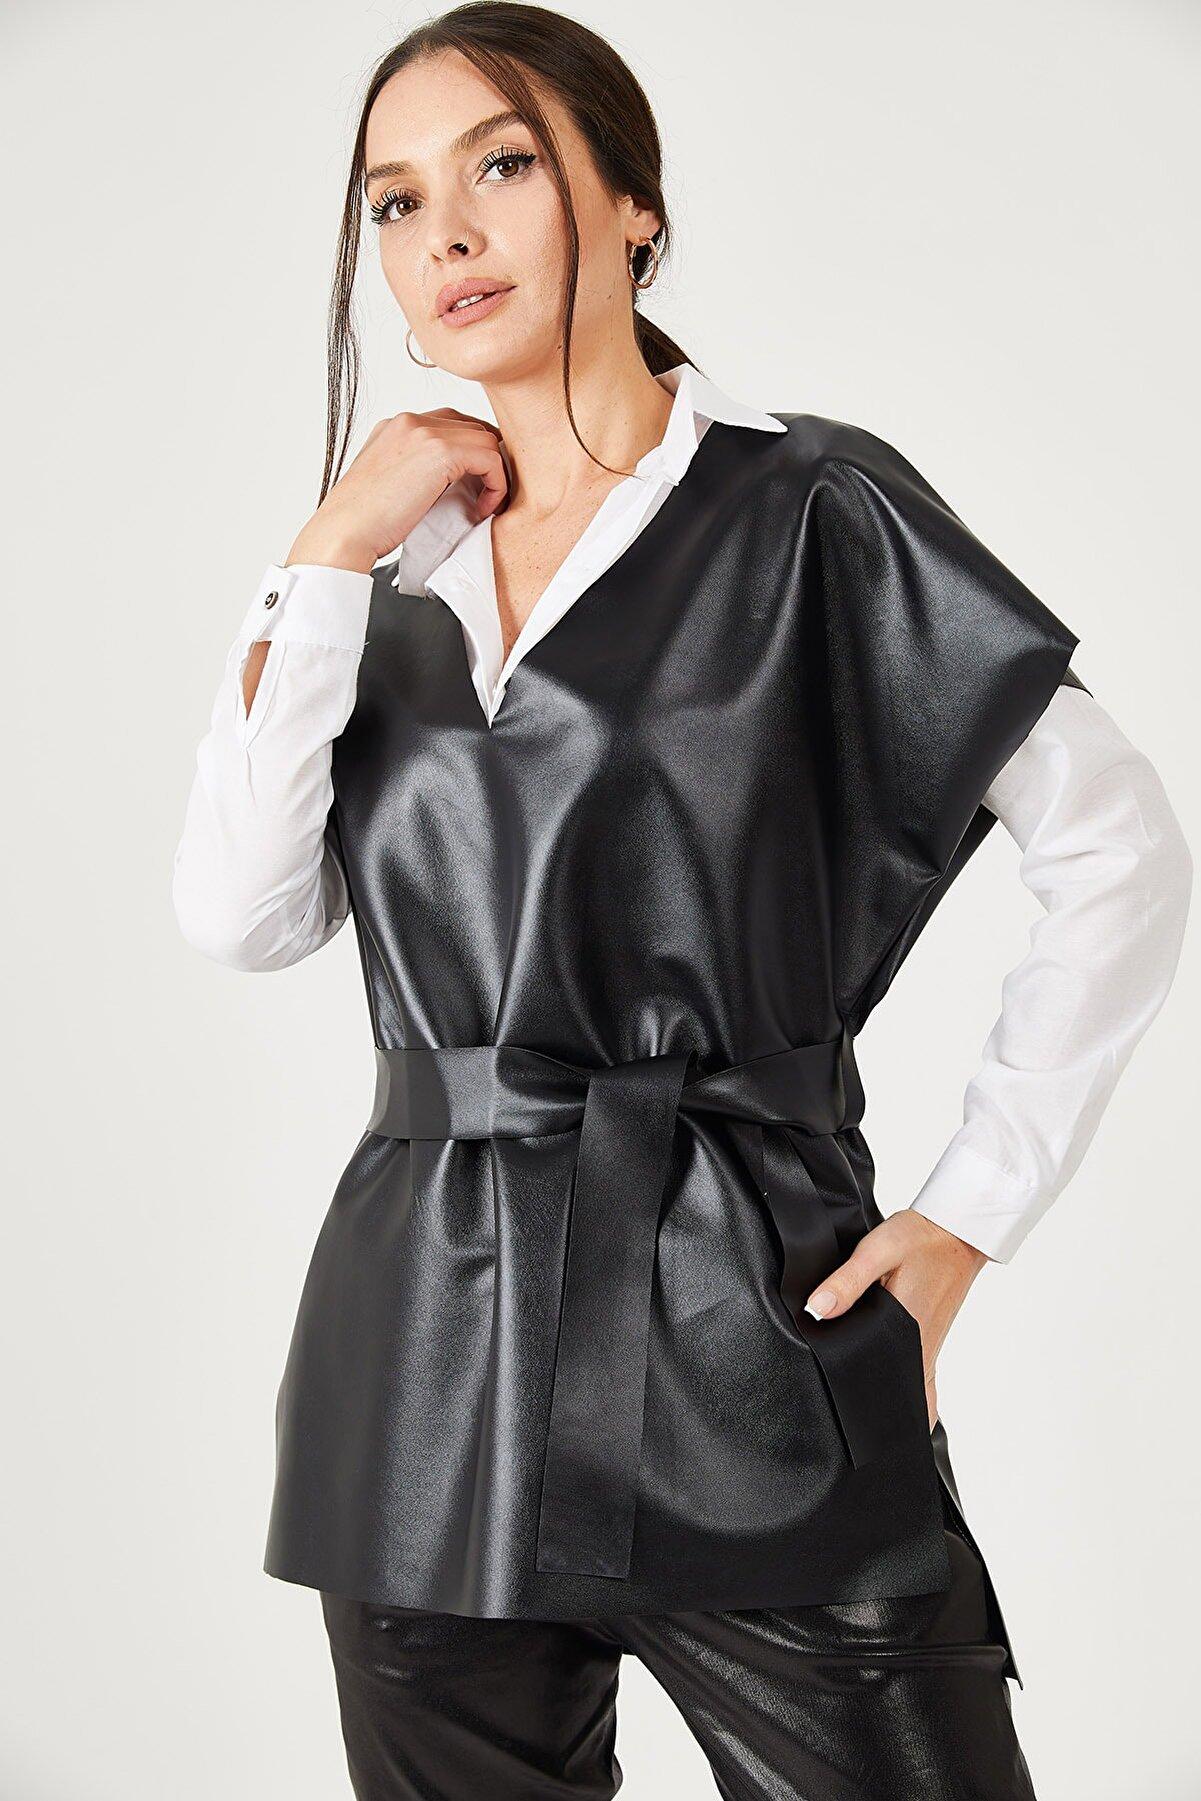 armonika Kadın Siyah V Yaka Deri Görünümlü Önü Kısa Arkası Uzun Kuşaklı Bluz ARM-21K001054